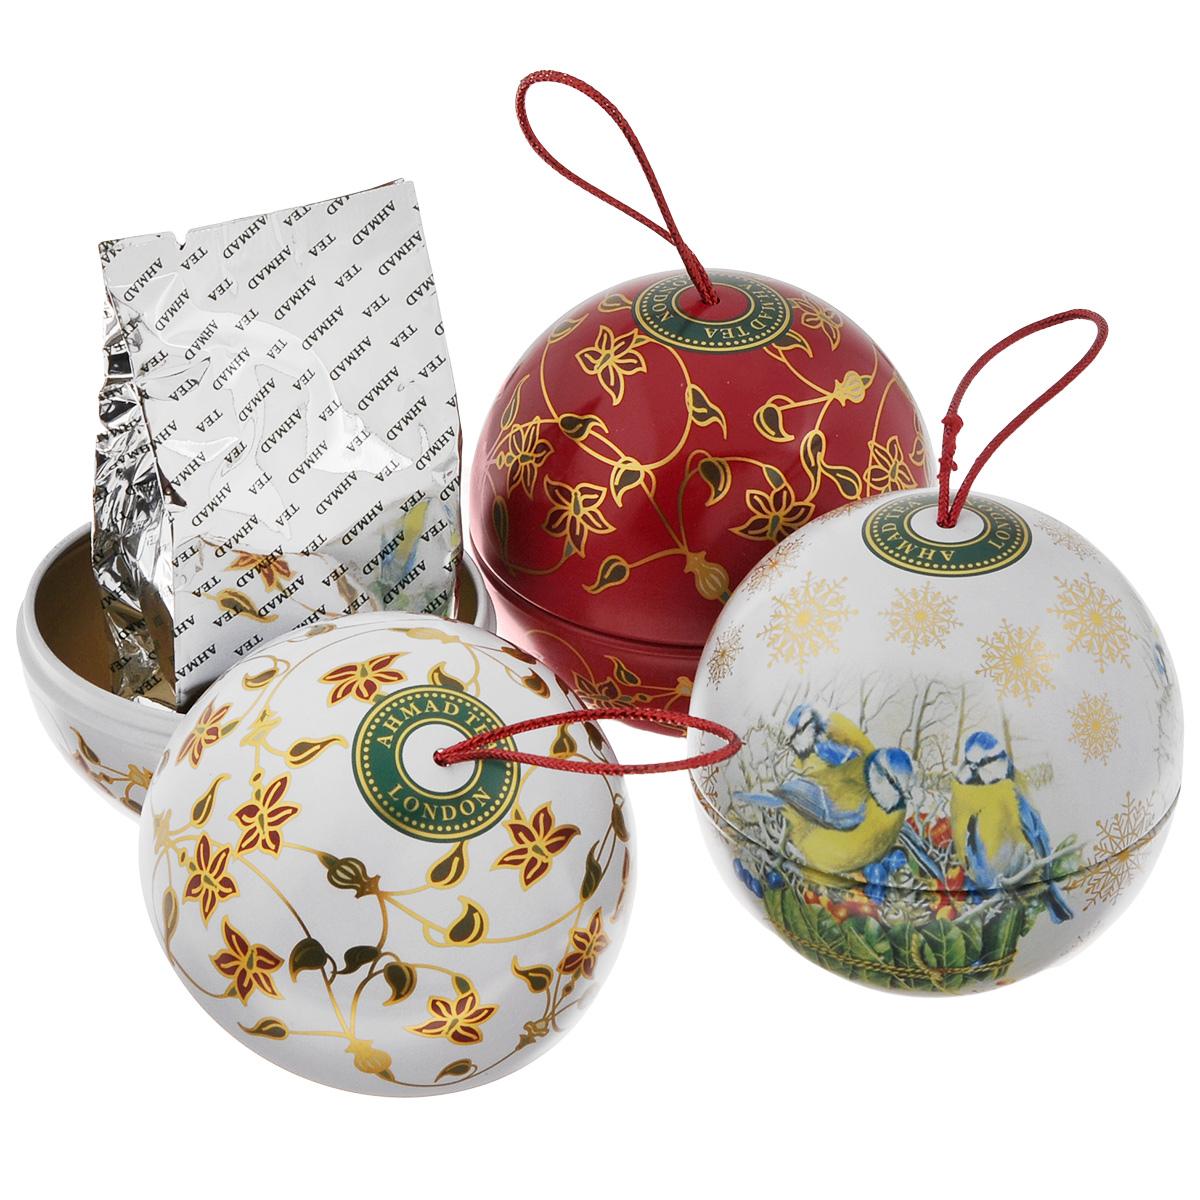 Ahmad Tea Christmas Tree набор ароматизированного чая, 3х30 г1371Набор чайный Ahmad Tea Christmas Tree. В набор входят: Winter Prune / Зимний Чернослив Сладкий насыщенный, с легкой кислинкой вкус чернослива обрамляет букет восхитительного китайского черного чая, подобно прозрачному бриллианту в драгоценной оправе. Novel Thyme / Благородный Чабрец Ароматный дикий чабрец и душистая спелая клубника в деликатном сочетании с лучшим листовым зеленым чаем из Китая напомнит о летних жарких днях. Ароматный дикий чабрец и душистая спелая клубника в деликатном сочетании с лучшим листовым зеленым чаем из Китая напомнит о летних жарких днях. Yunnan Mist / Юньнань Мист Юньнань Мист, происходящий из легендарной китайской провинции Юньнань, исторической родины чая, обладает уникальным пикантным вкусом, дымным ароматом и ярко-золотистым цветом настоя. Внимание! Подарочная упаковка в виде шаров поставляется в ассортименте и может отличаться от представленной на фото.